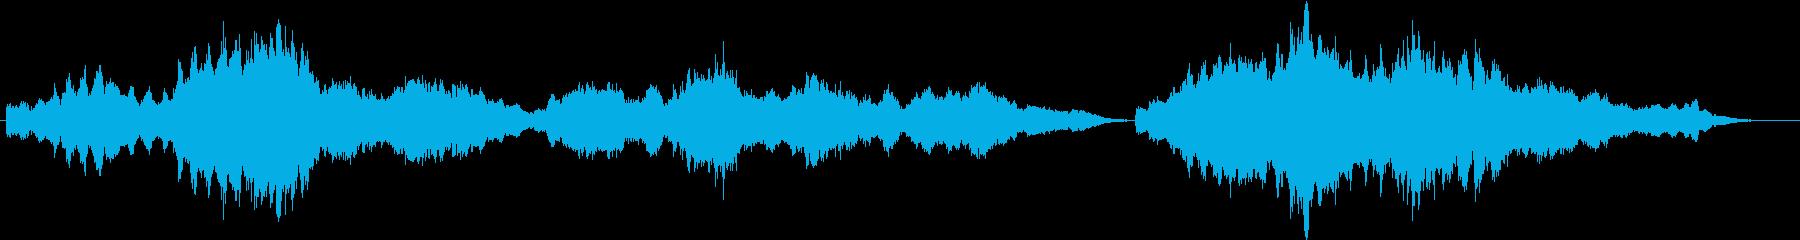 オーケストラ楽器。 「おとぎ話」の...の再生済みの波形